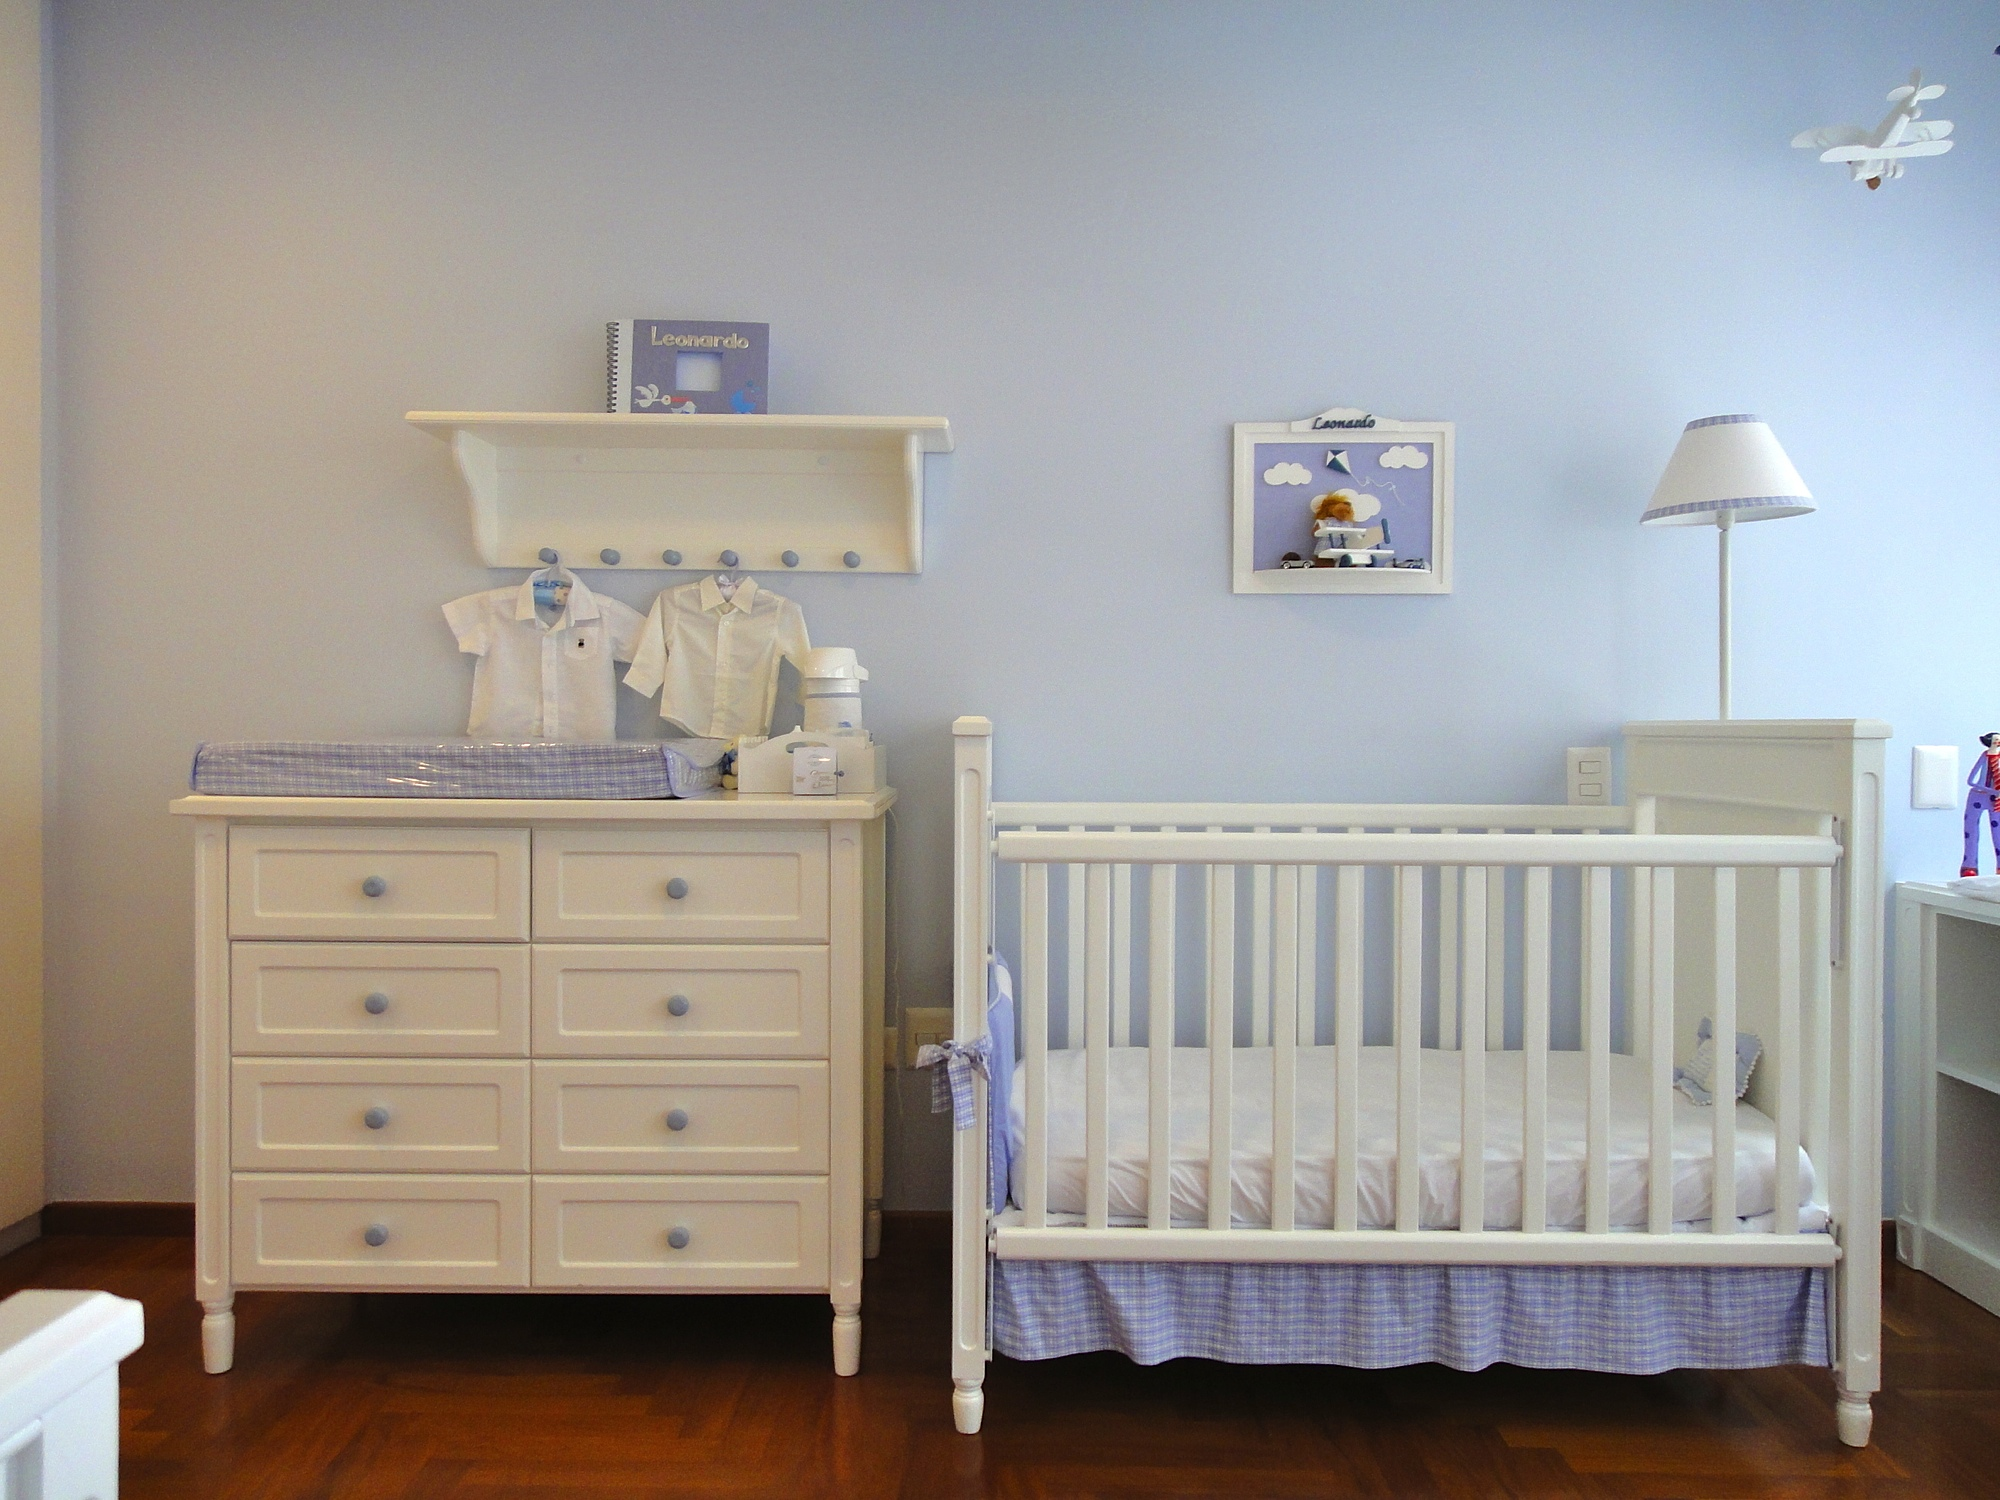 Dicas De Decora O Para O Quarto De Beb Blog Da Propriet Riodireto ~ Decoração De Quarto De Bebe Pequeno